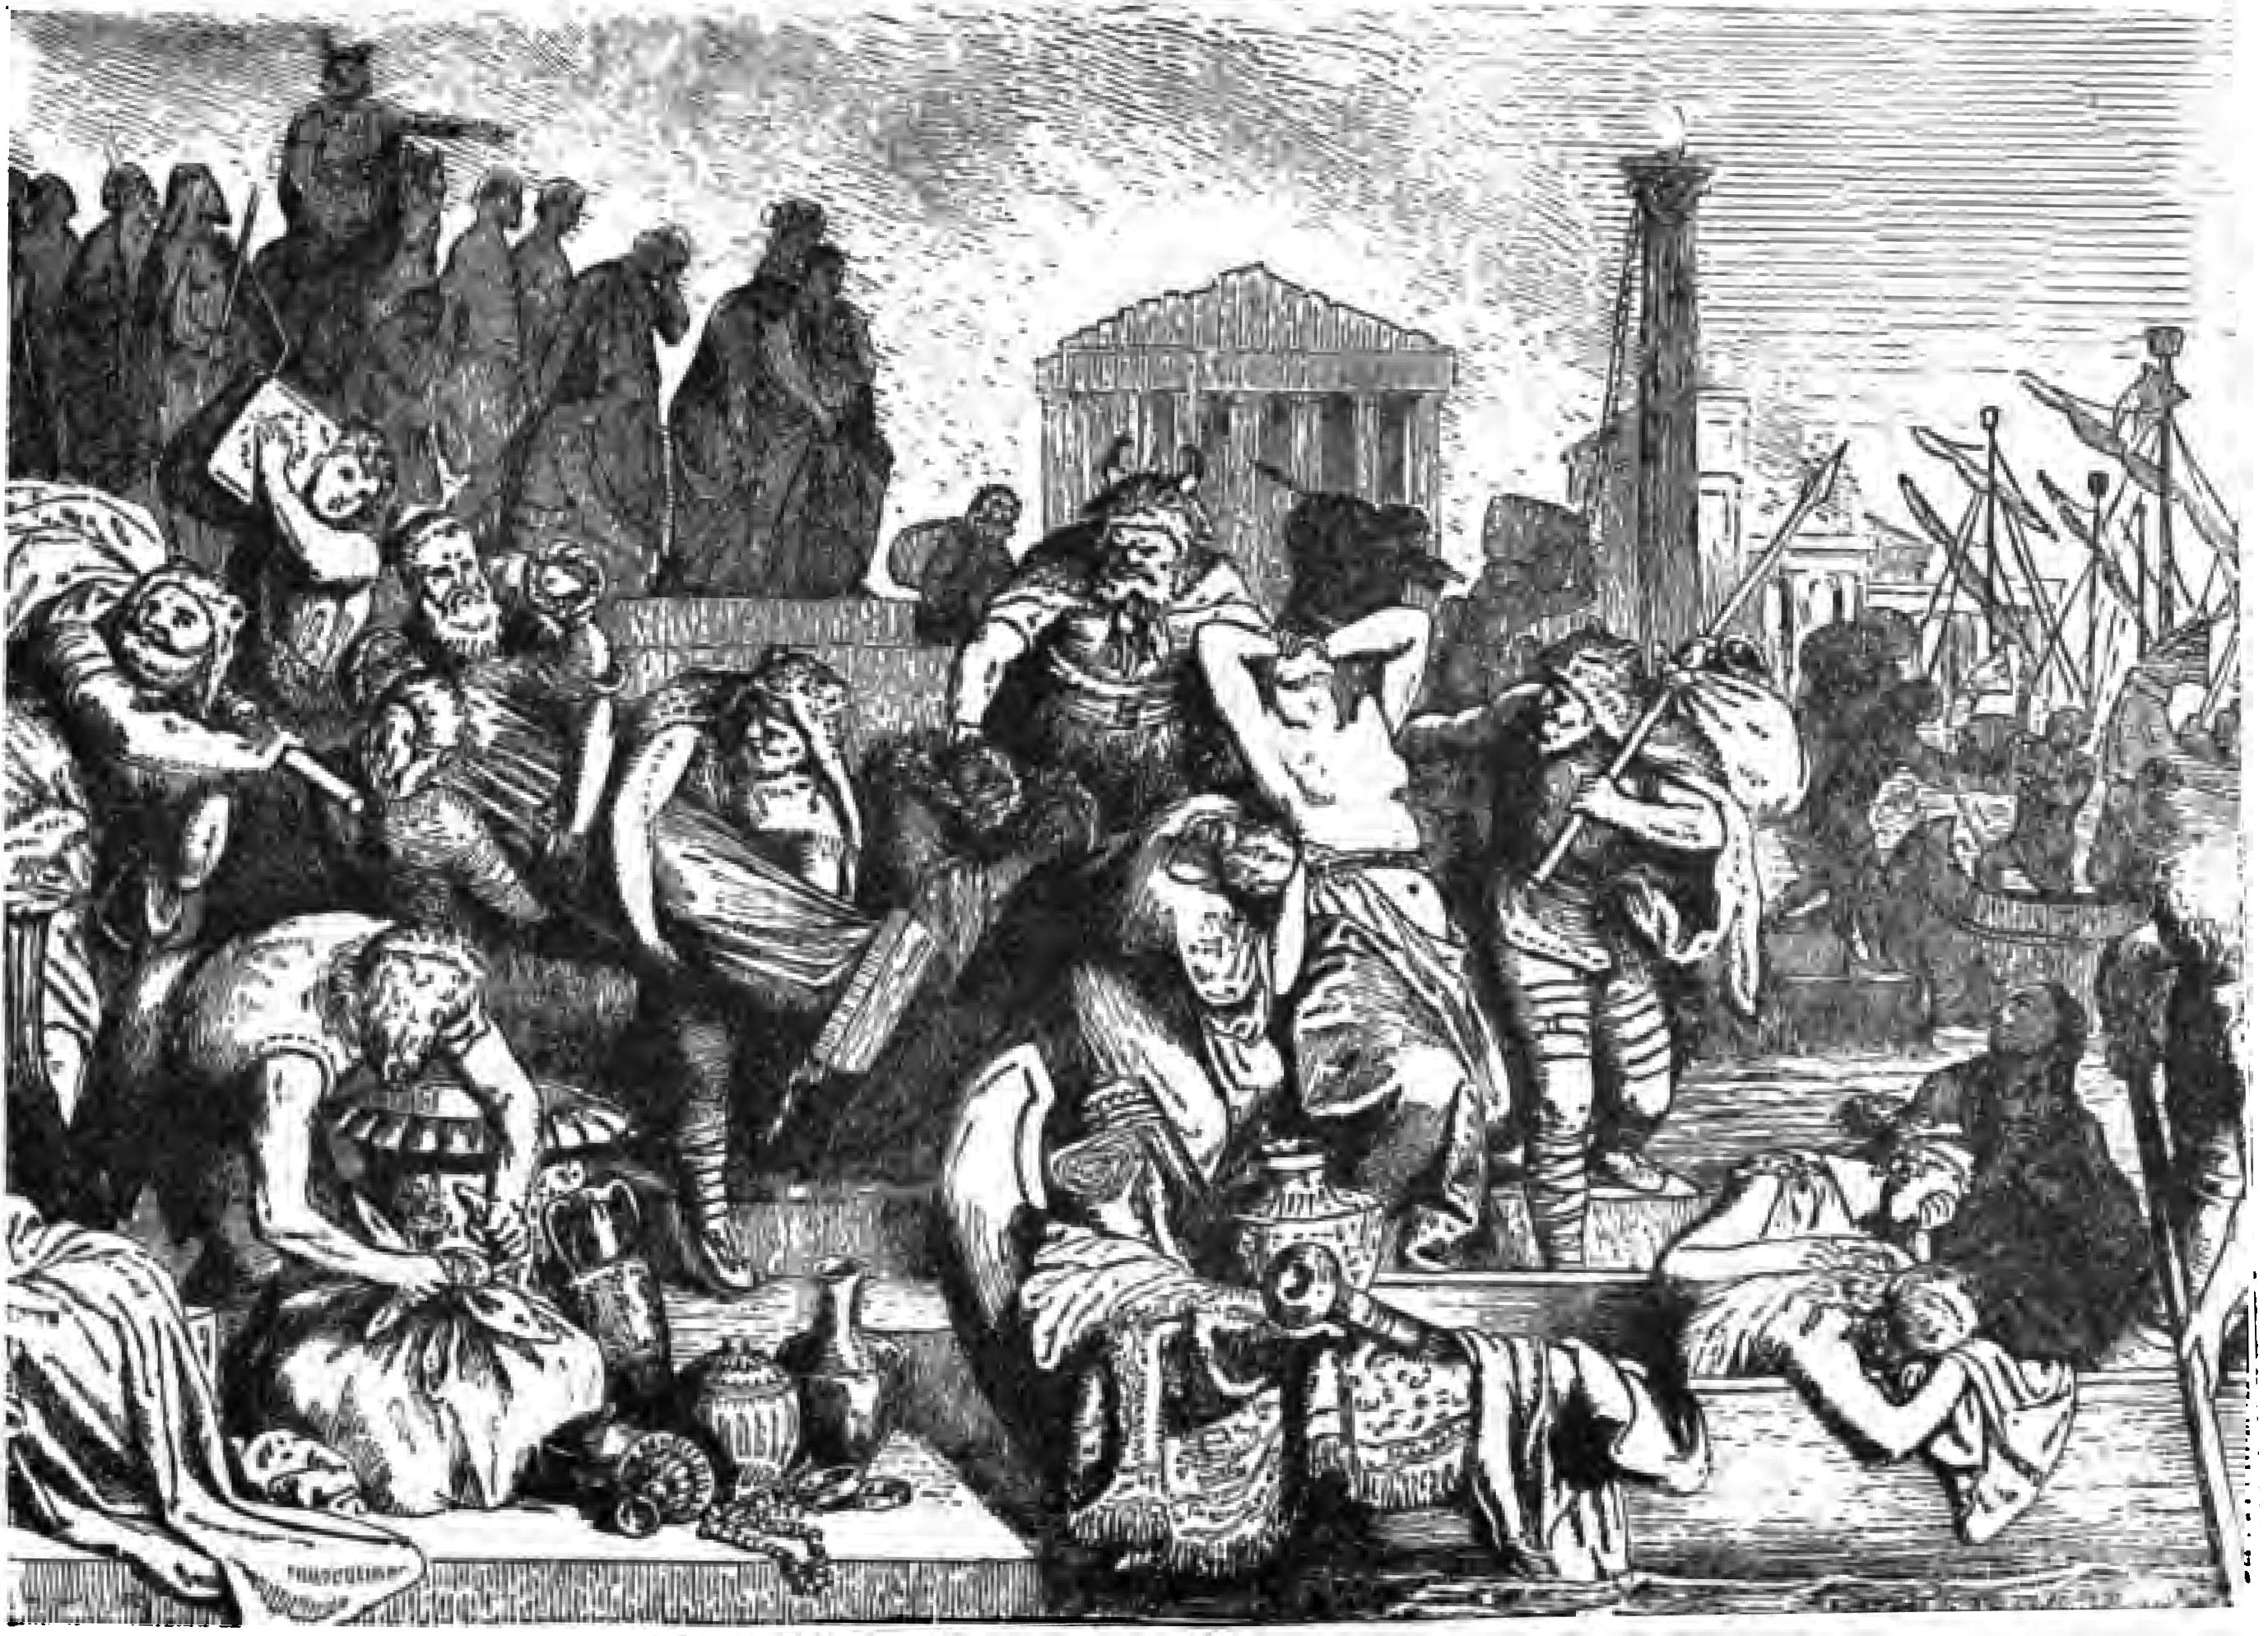 Plündernde Vandalen aus Yonge, Charlotte M. 1880. Young Folks' History of Rome  . Boston: Estes & Lauriat. Page 401, Lizenz:public domain/gemeinfrei